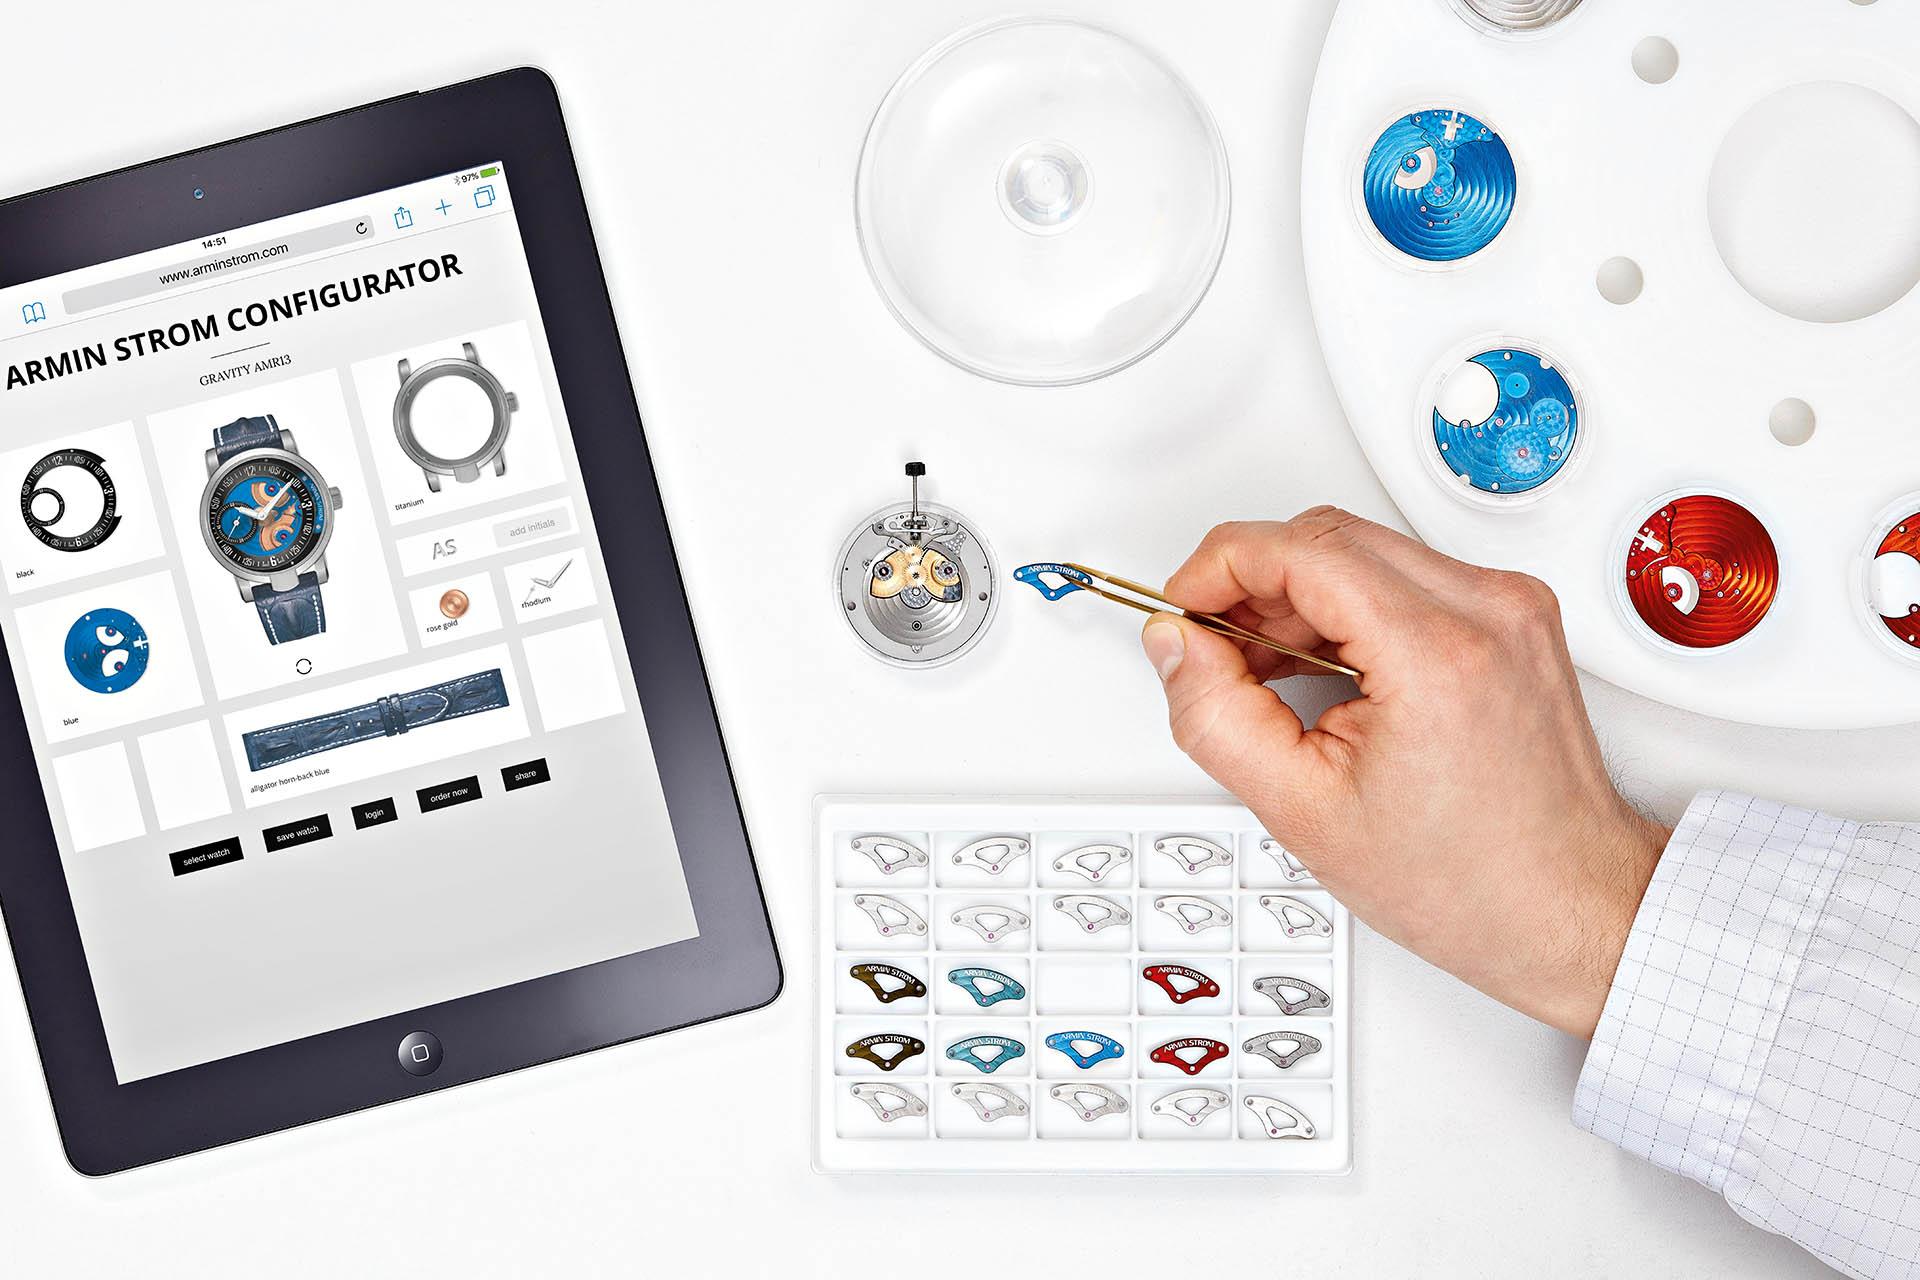 In wenigen Schritten am Bildschirm direkt zur Wunschuhr: Der Uhren-Konfigurator von Armin Strom ist logisch aufgebaut und leicht verständlich.